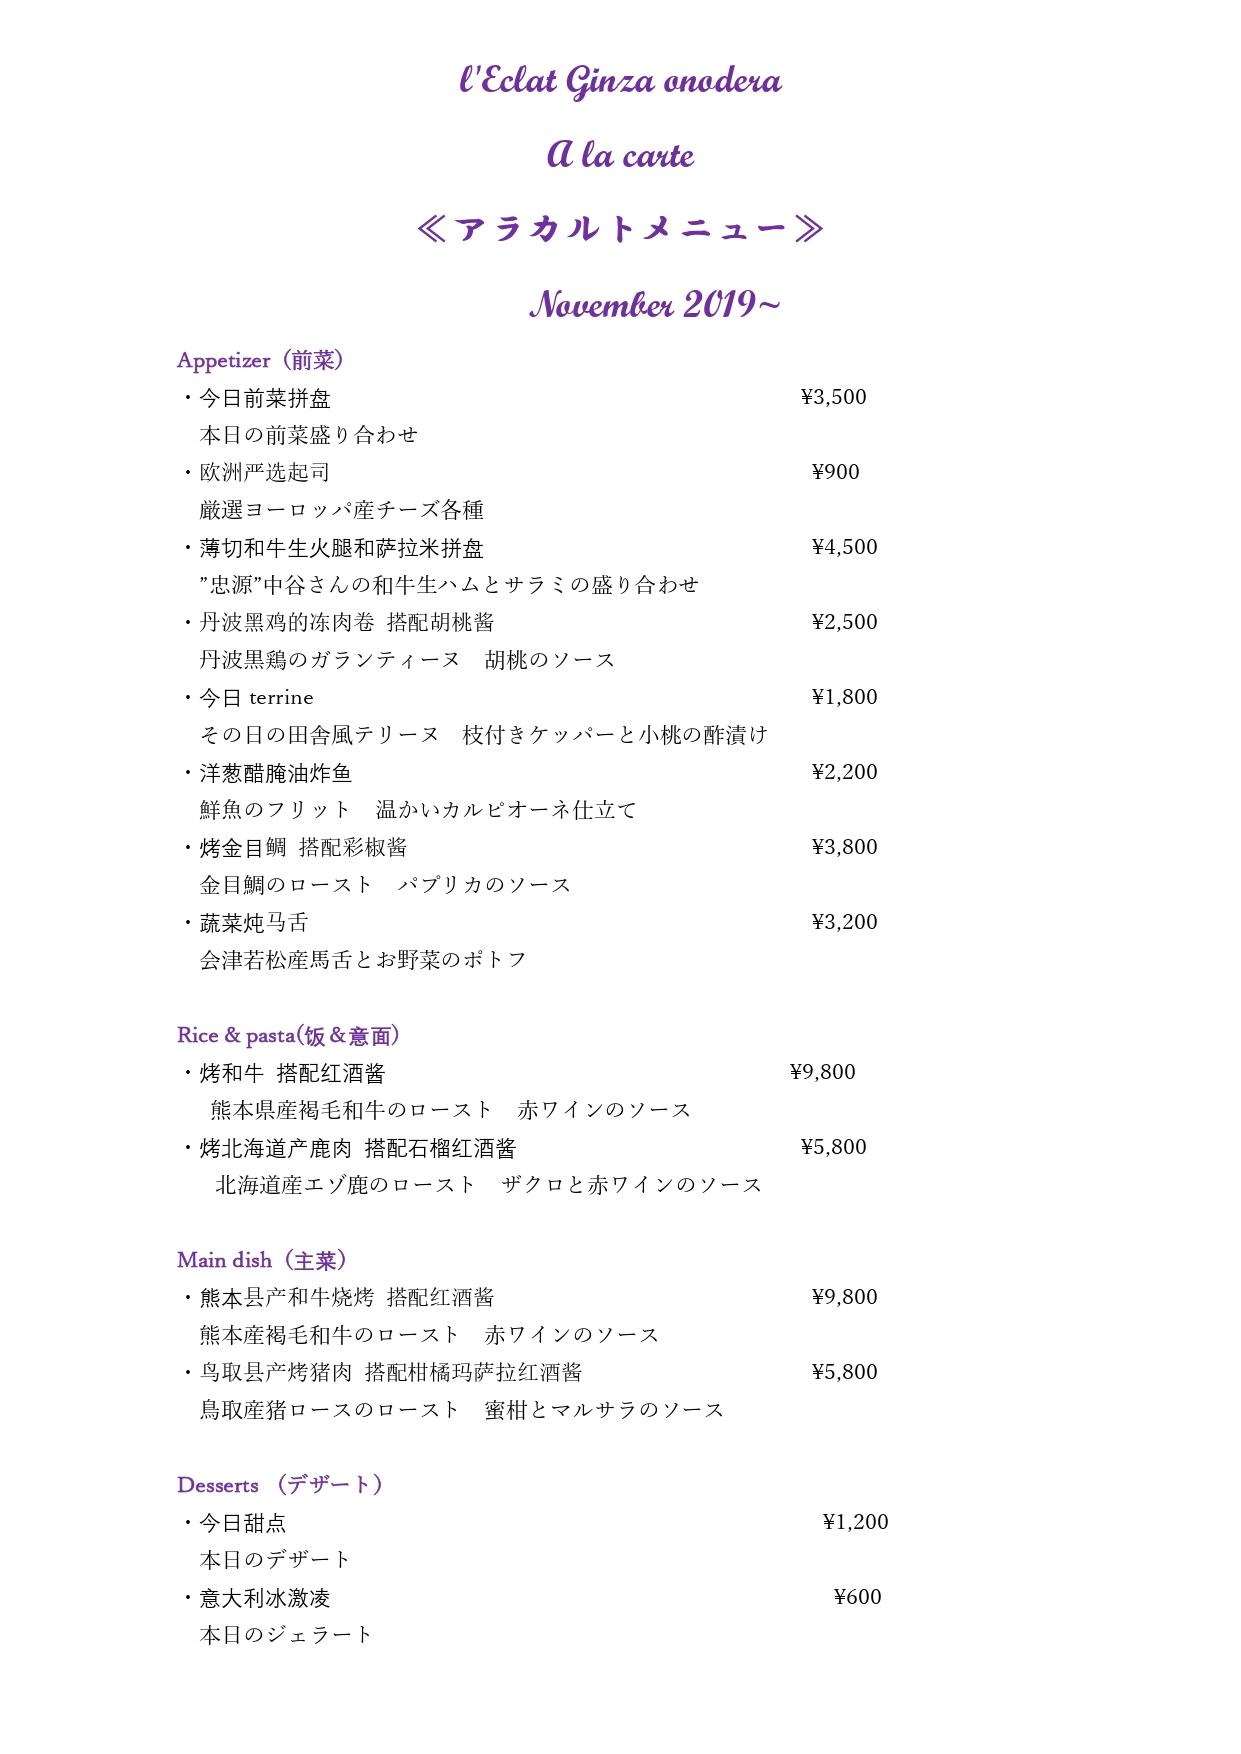 l'Eclat GINZA ONODERA [銀座店] ディナーメニュー3